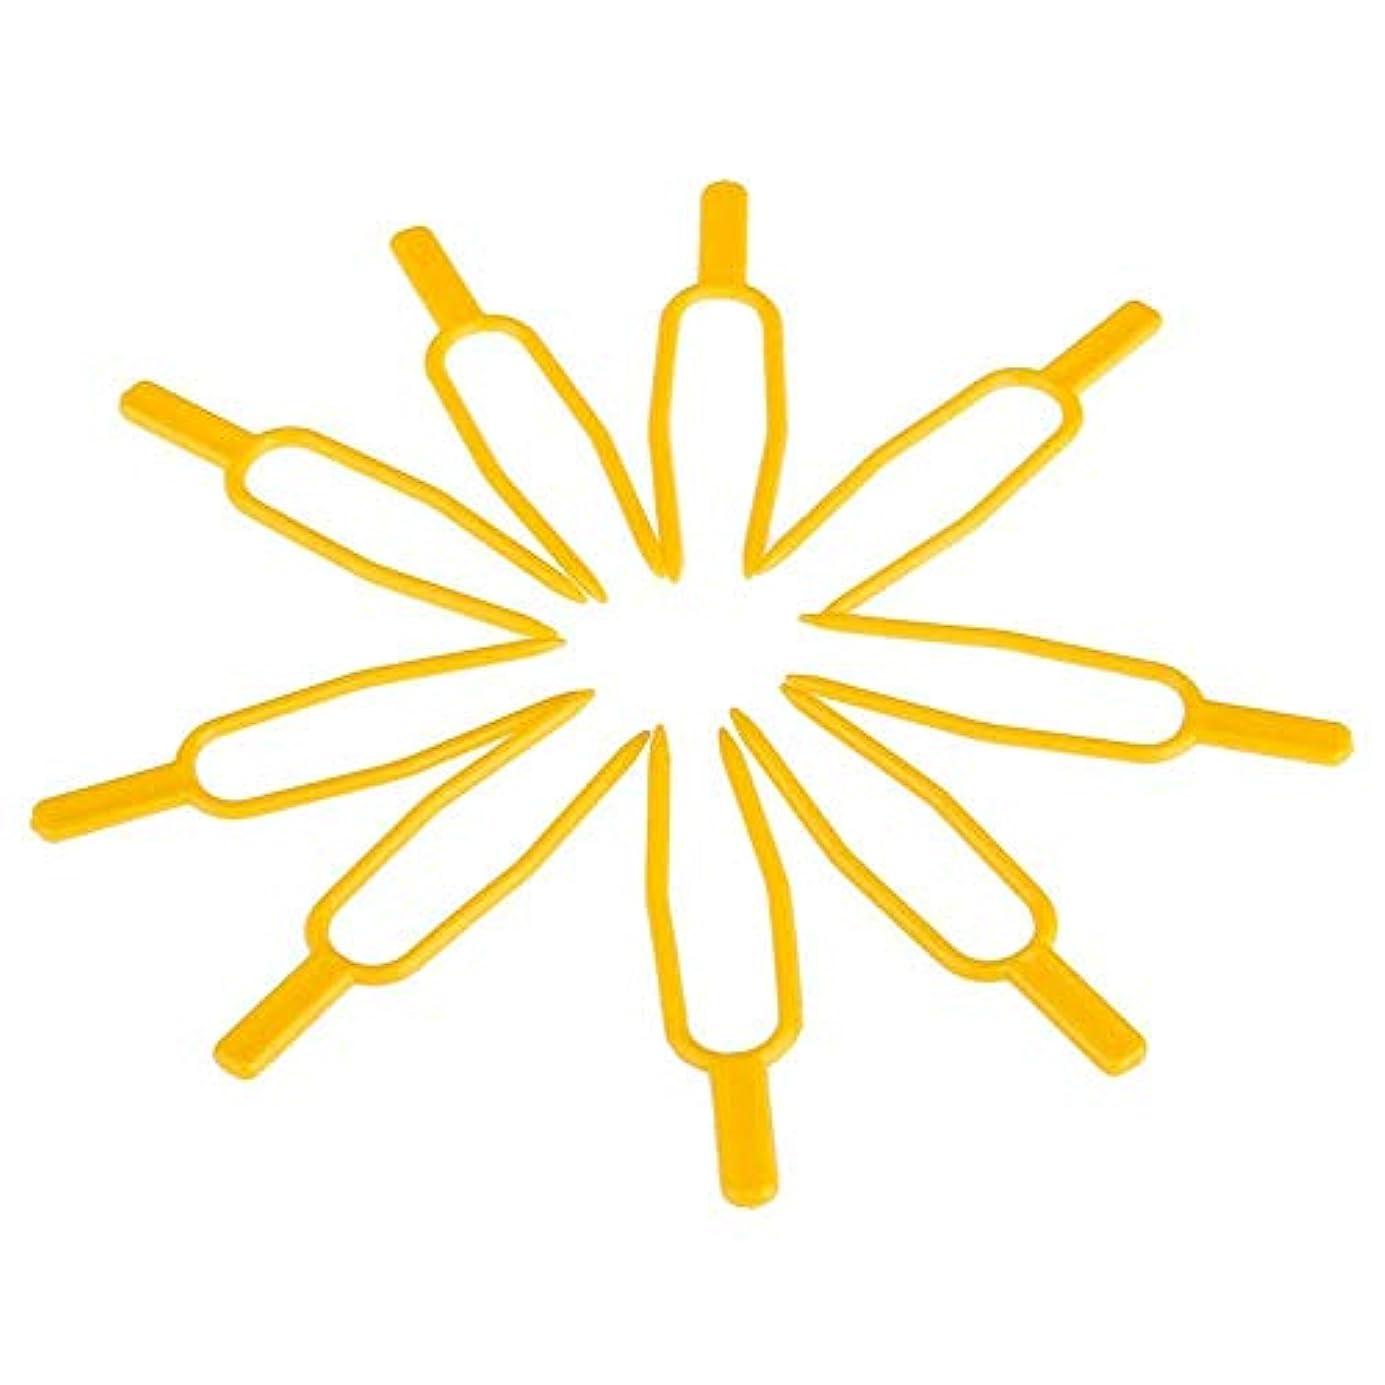 肺炎ペンダント好意的chaselpod プラントクリップ イチゴフォーク 固定フォーク ガーデンツール DIY 工具 園芸用便利クリップ 100個入りセット